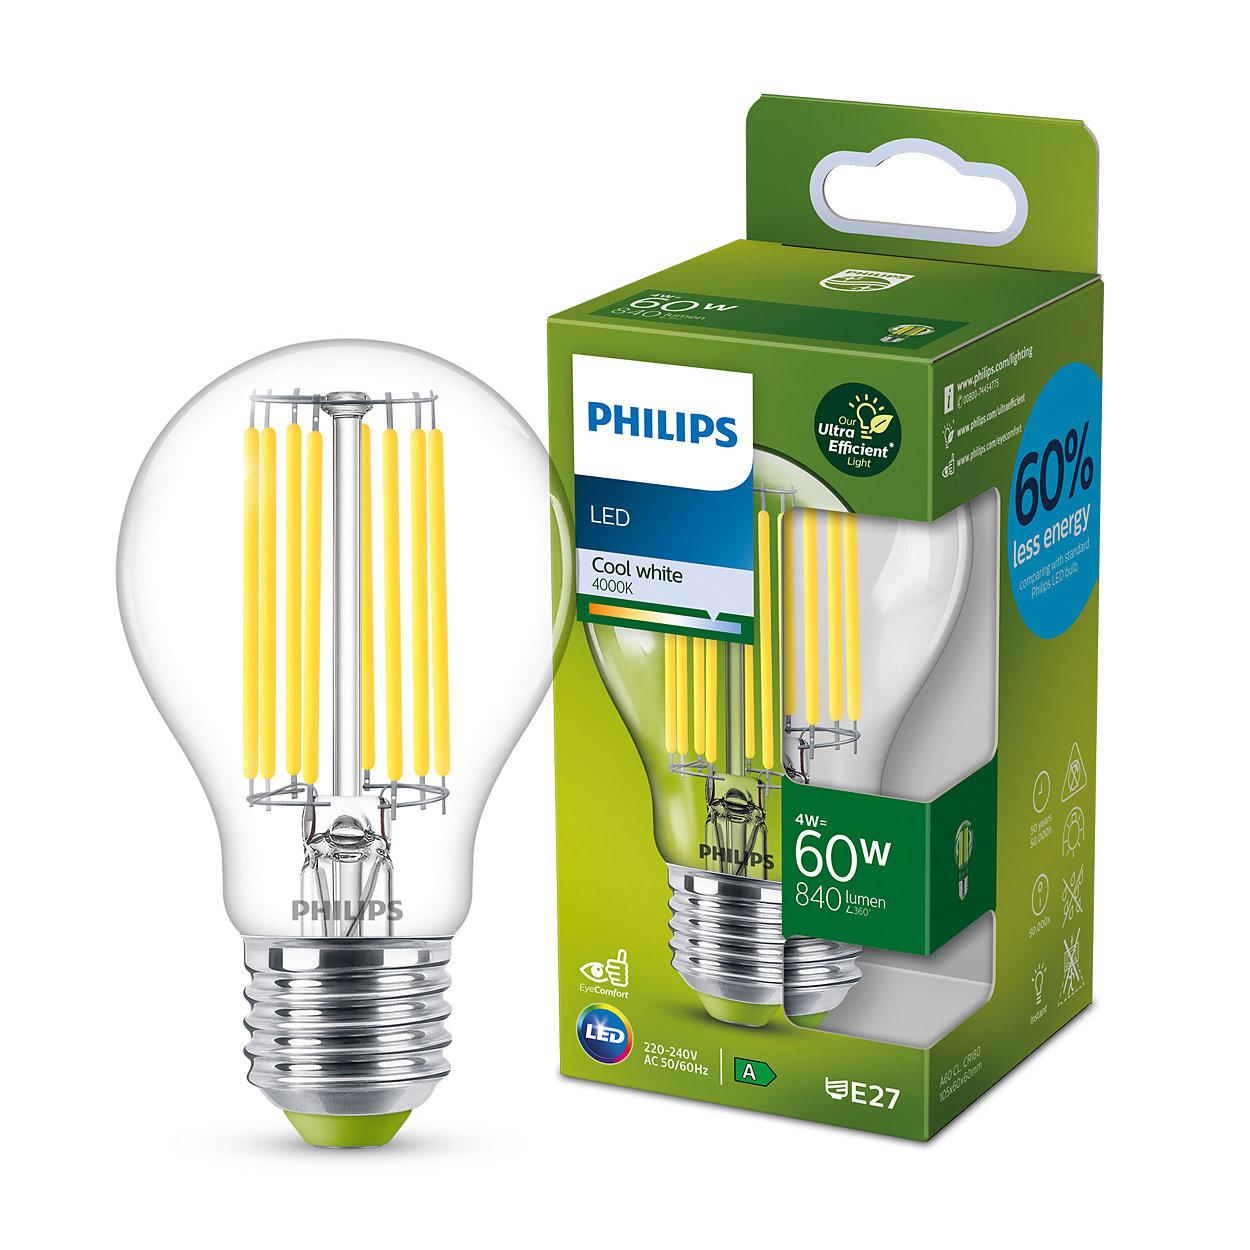 Klare LED-Kerzenlampen verleihen dem Zuhause Glanz